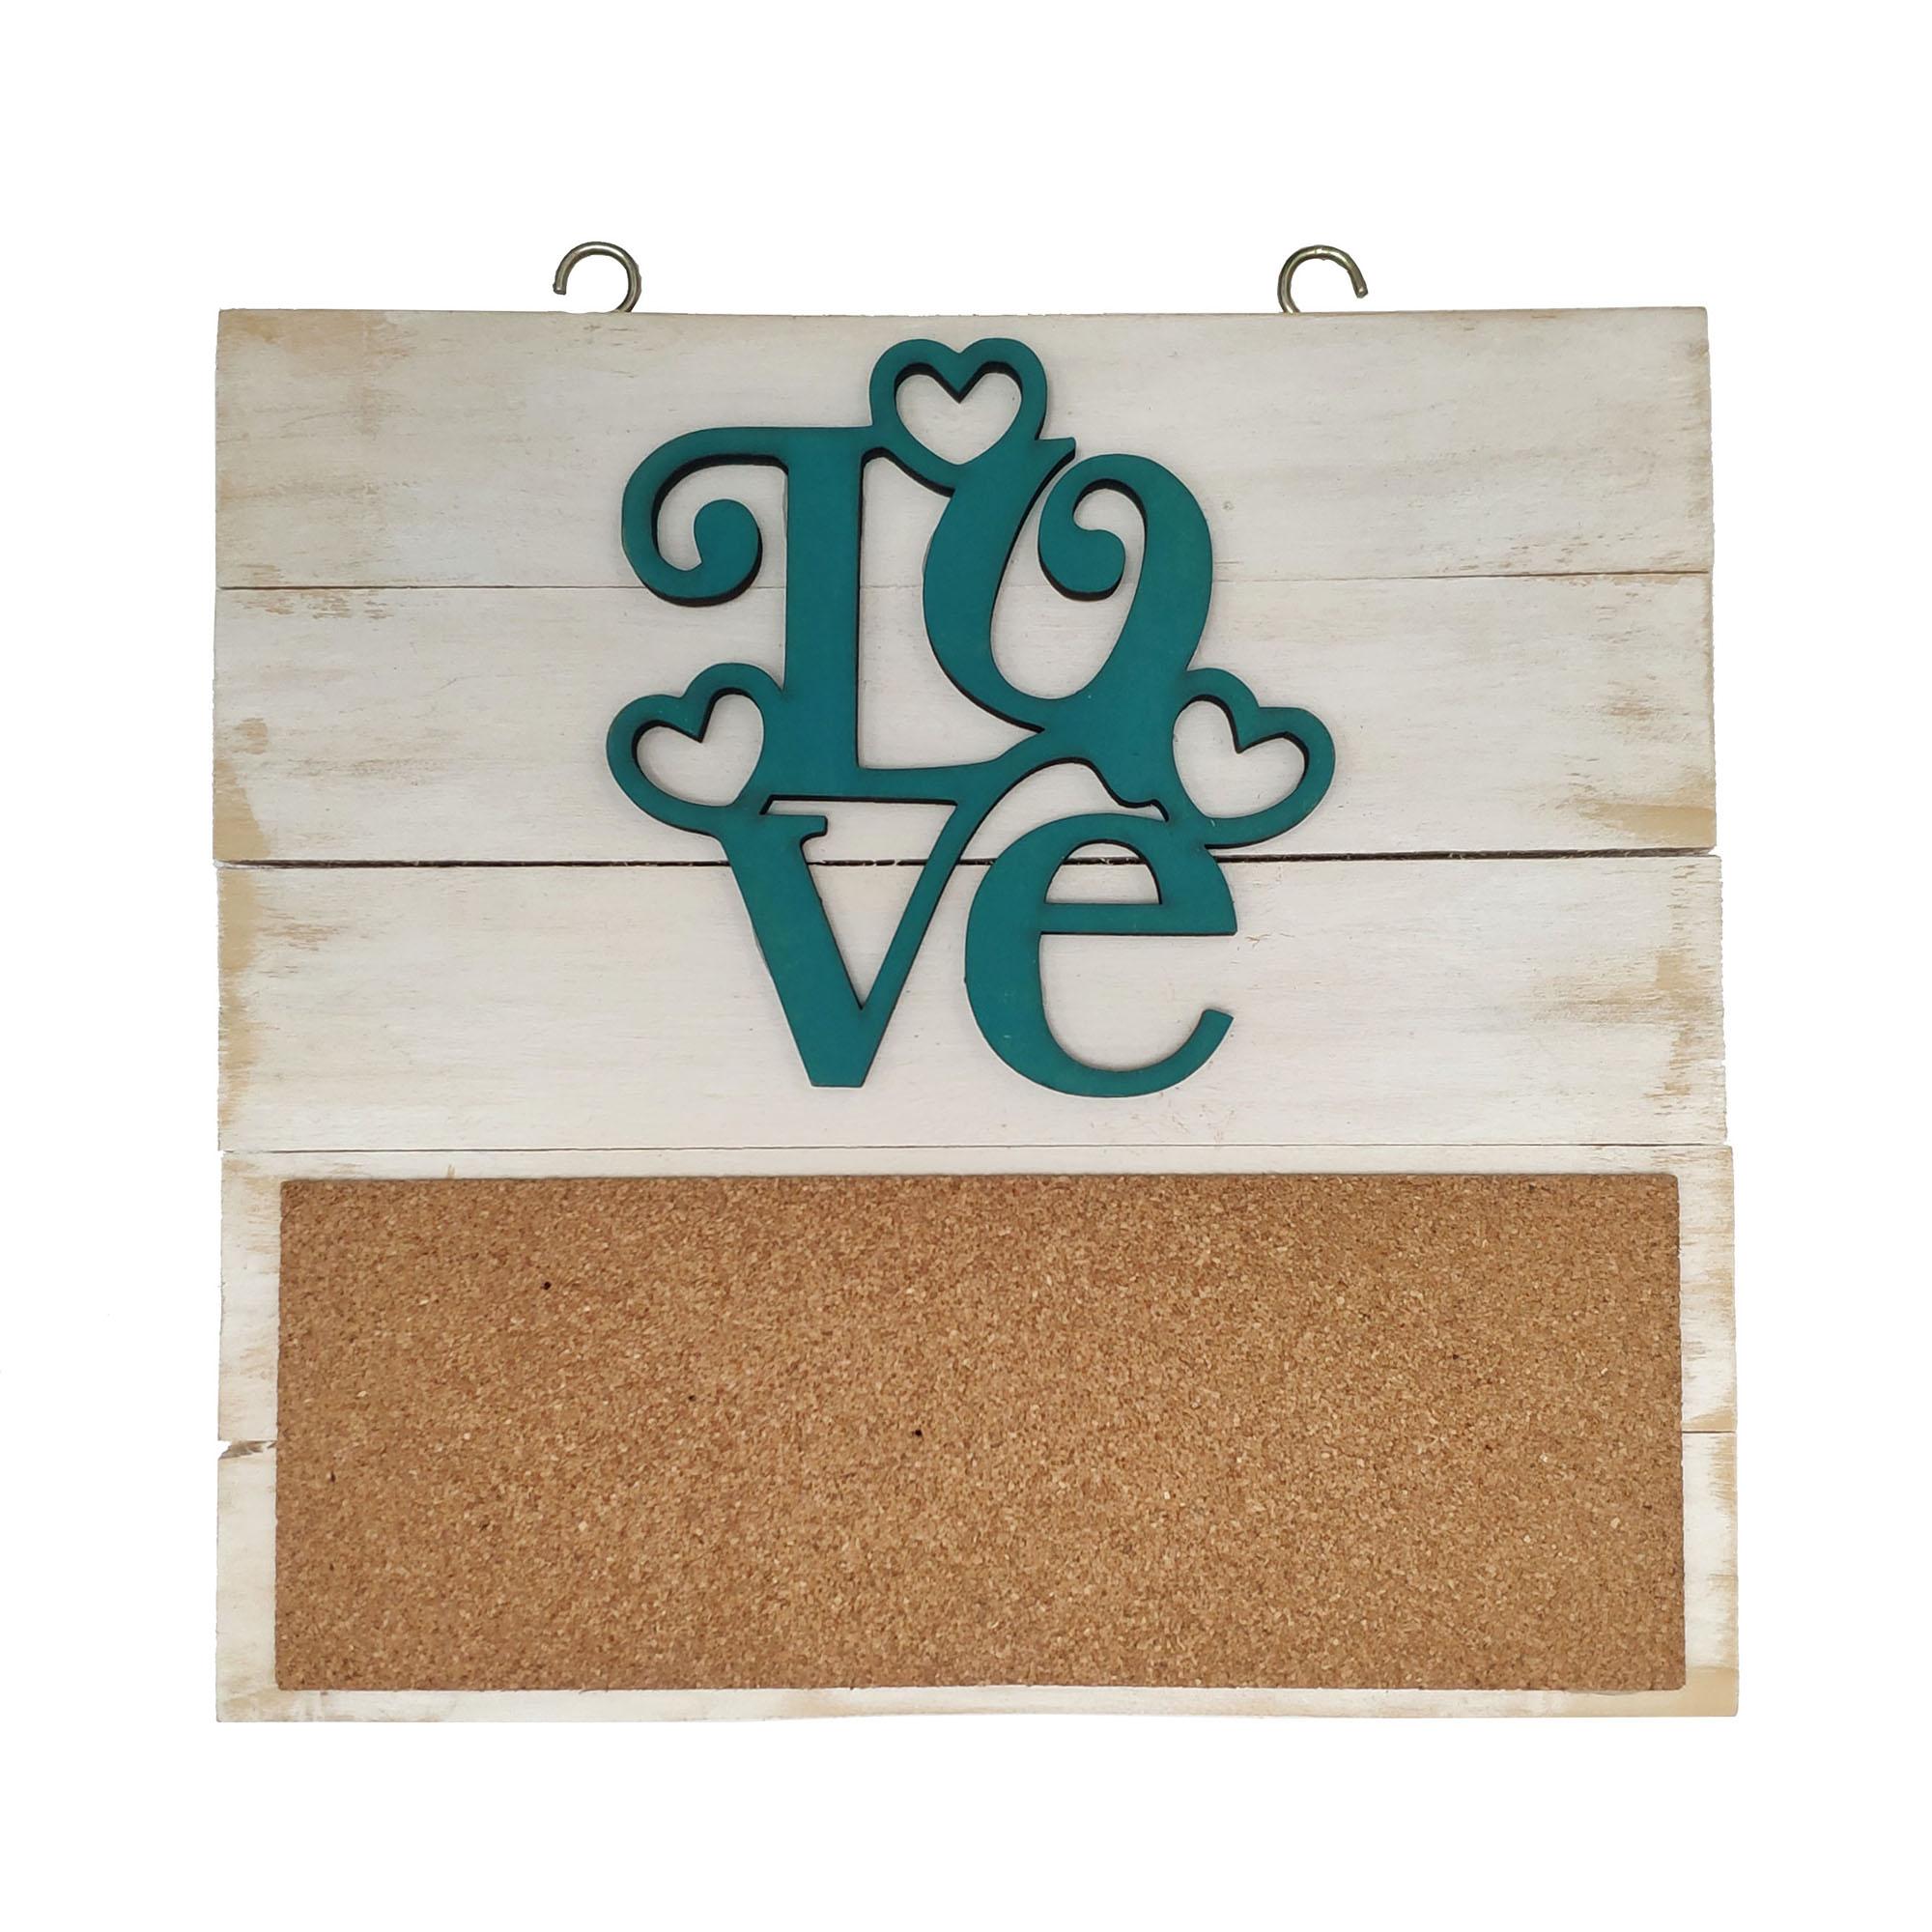 آویز چوبی مدل عشق کد ۰۰۲